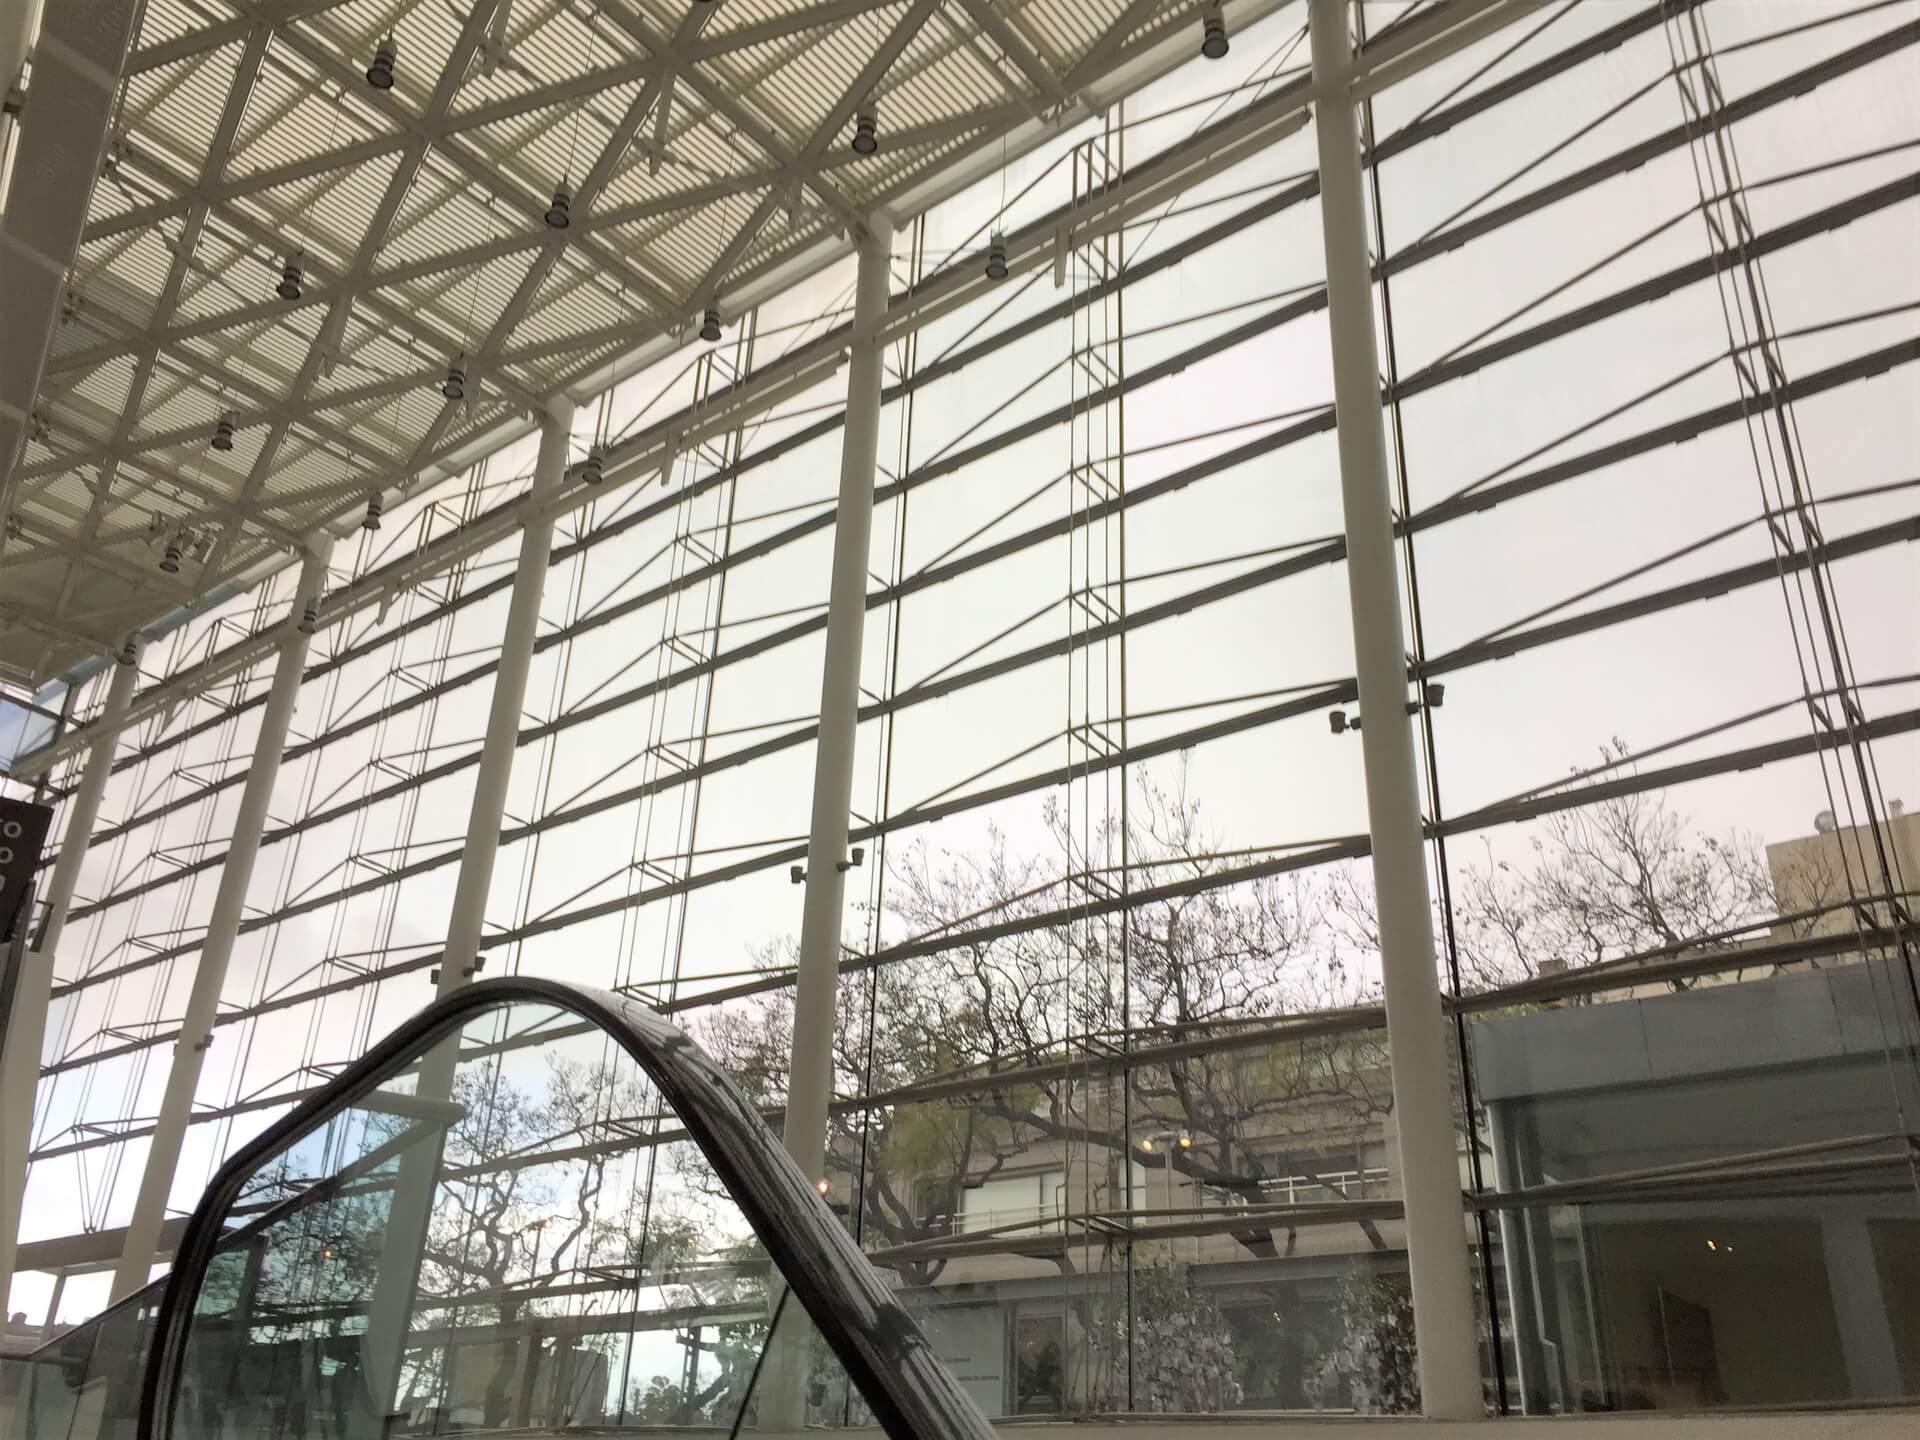 O Museu de Arte Latino-Americana de Buenos Aires também fica em Palermo e recebe exposições mundialmente famosas. A entrada geral é gratuita, mas as exposições específicas cobram um valor a parte. Foto: Fabíola Cordeiro.